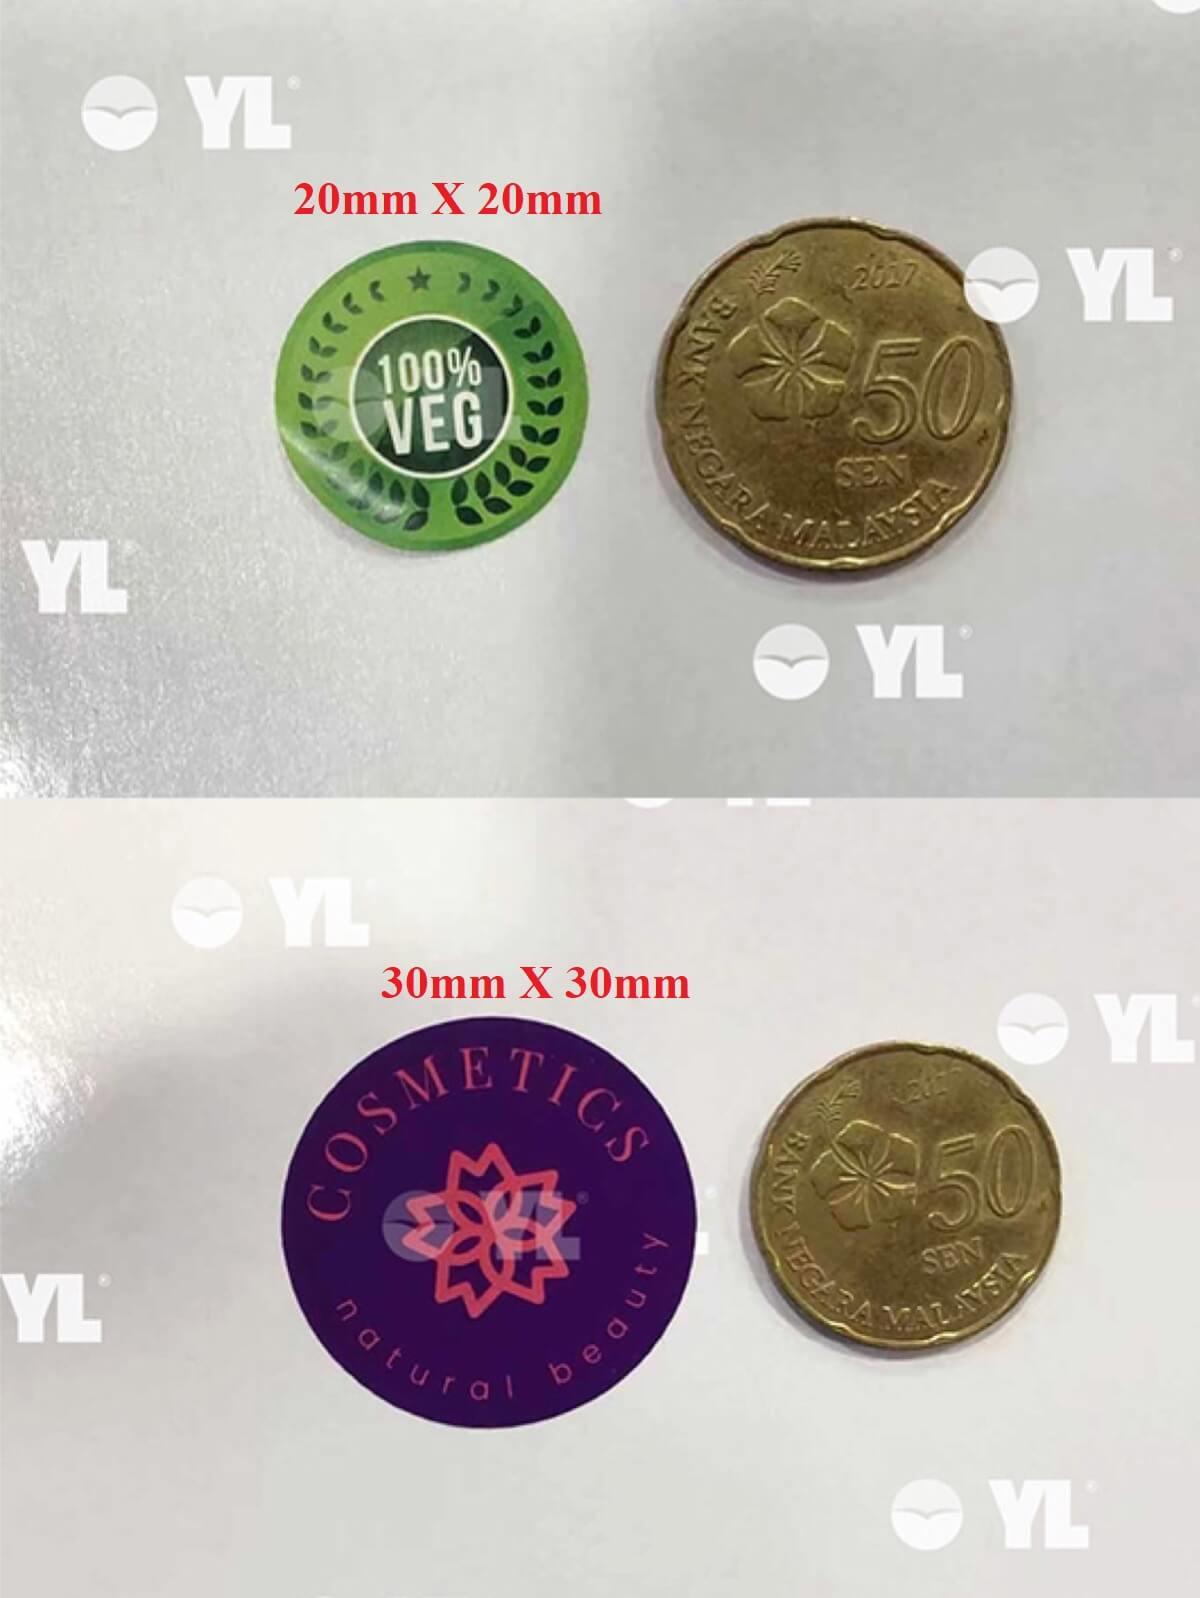 https://www.yl.com.my:449/admin/uploads/products/fff05af9-c01a-49b7-92a7-df5222f30fc5/20mm-30mm_3278.jpg